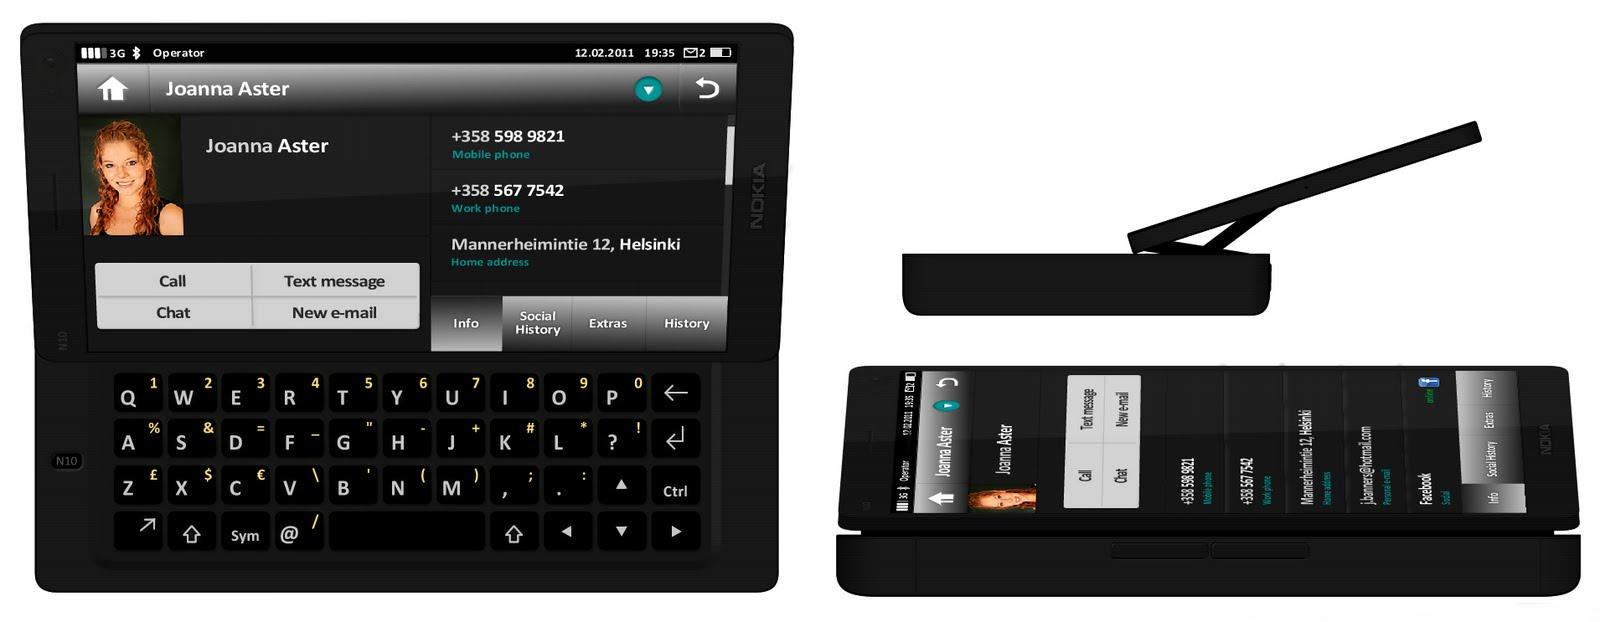 Nokia New Model